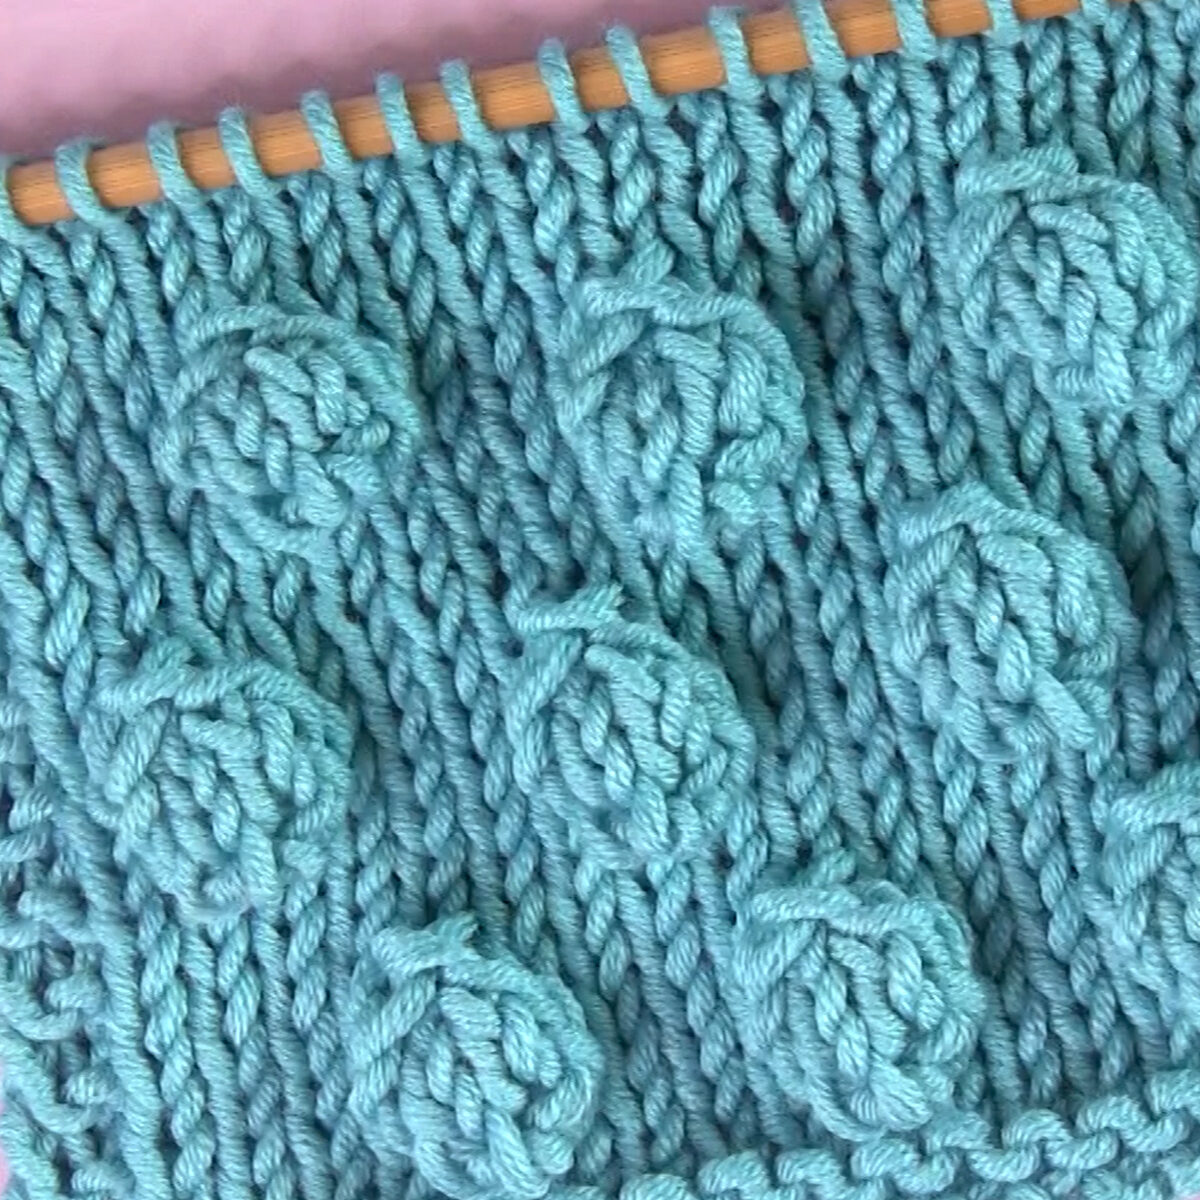 Srednje velike vrpce u bodovnom šavu s pređom plave boje.